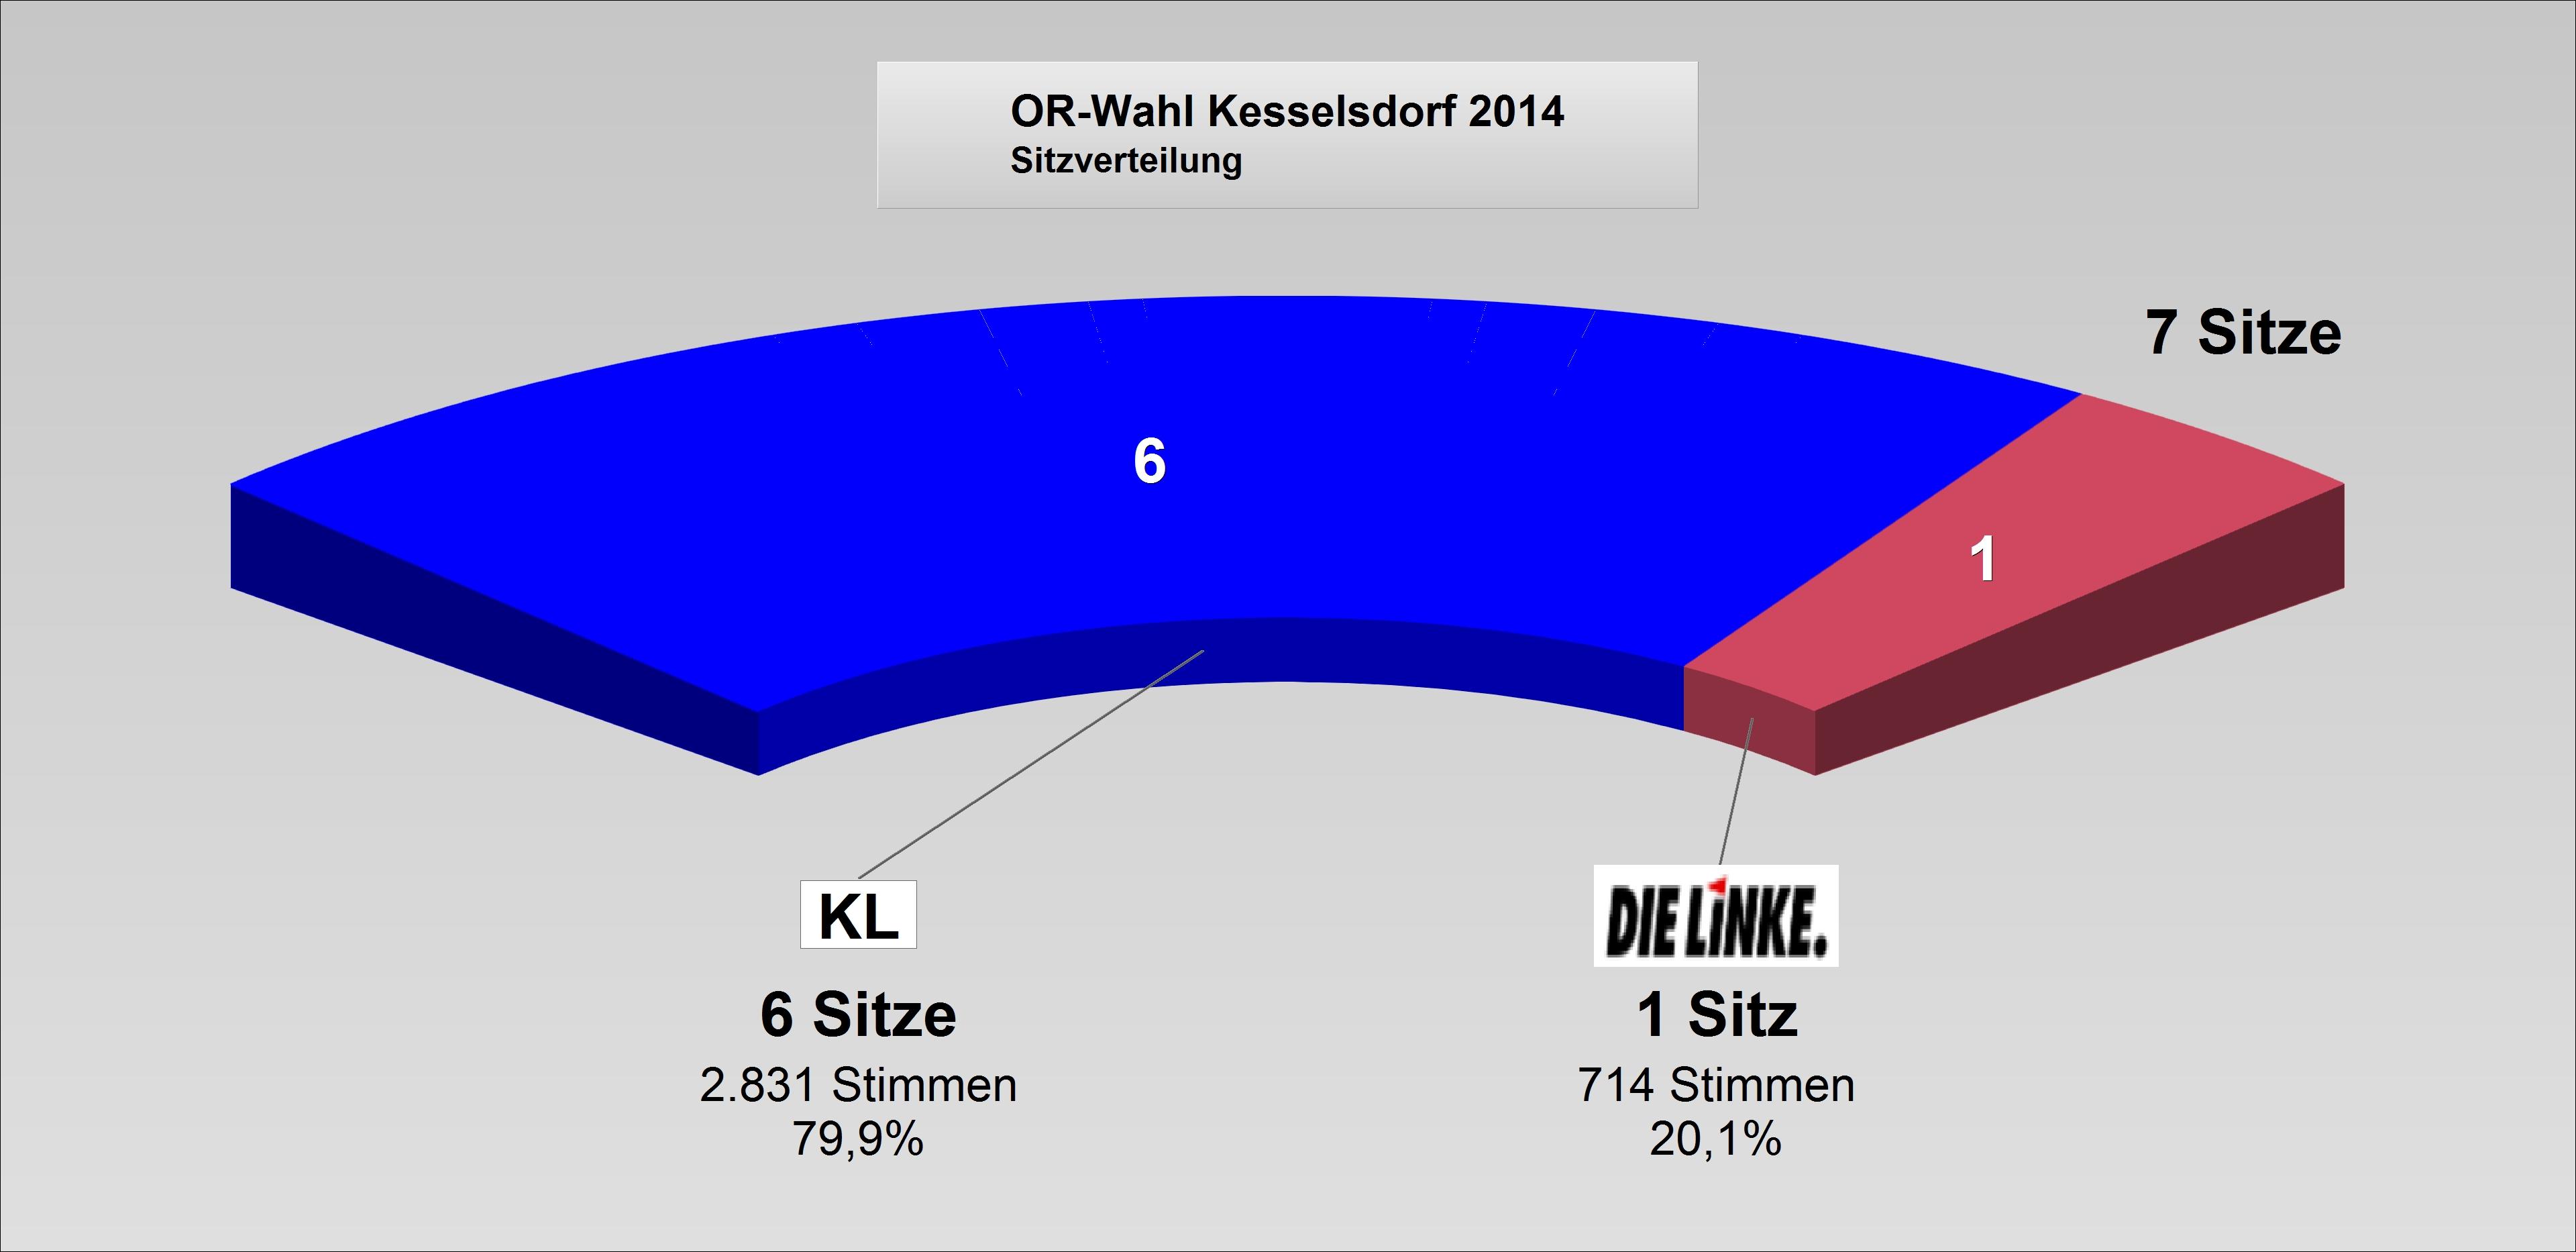 ORat2014-Kesselsdorf_Sitzverteilung.jpg